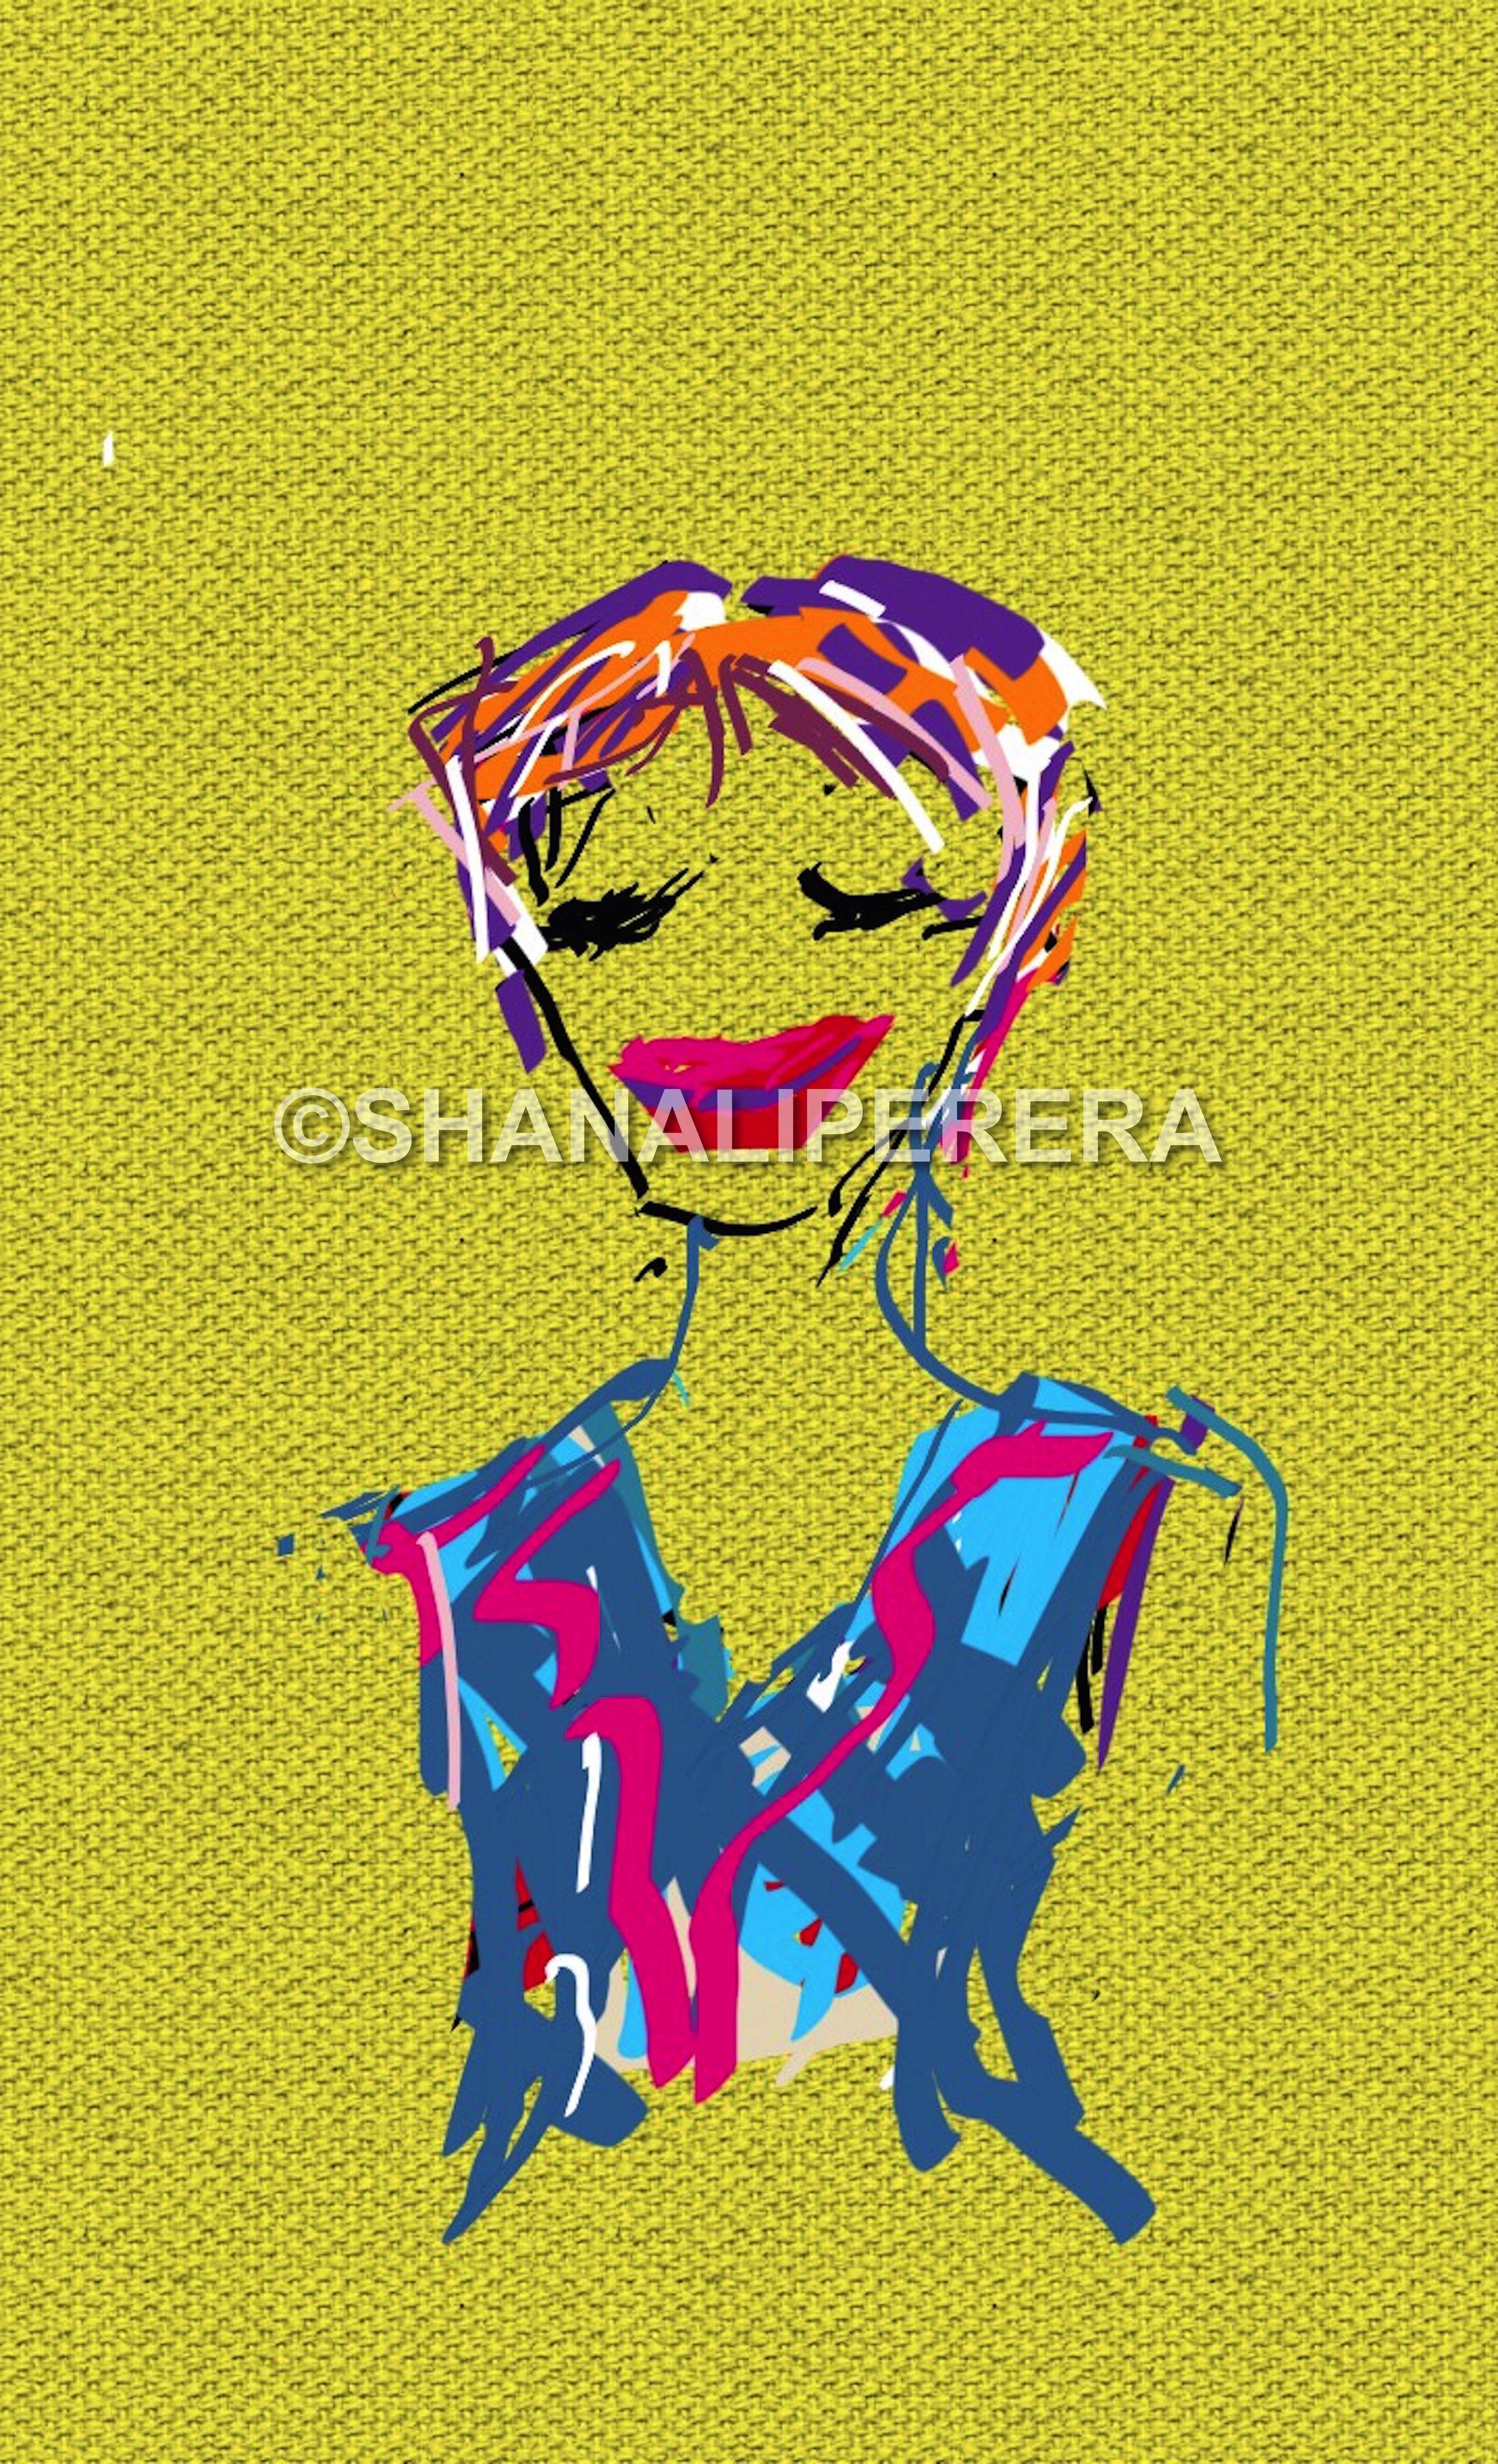 sketch-1432193120861.jpg